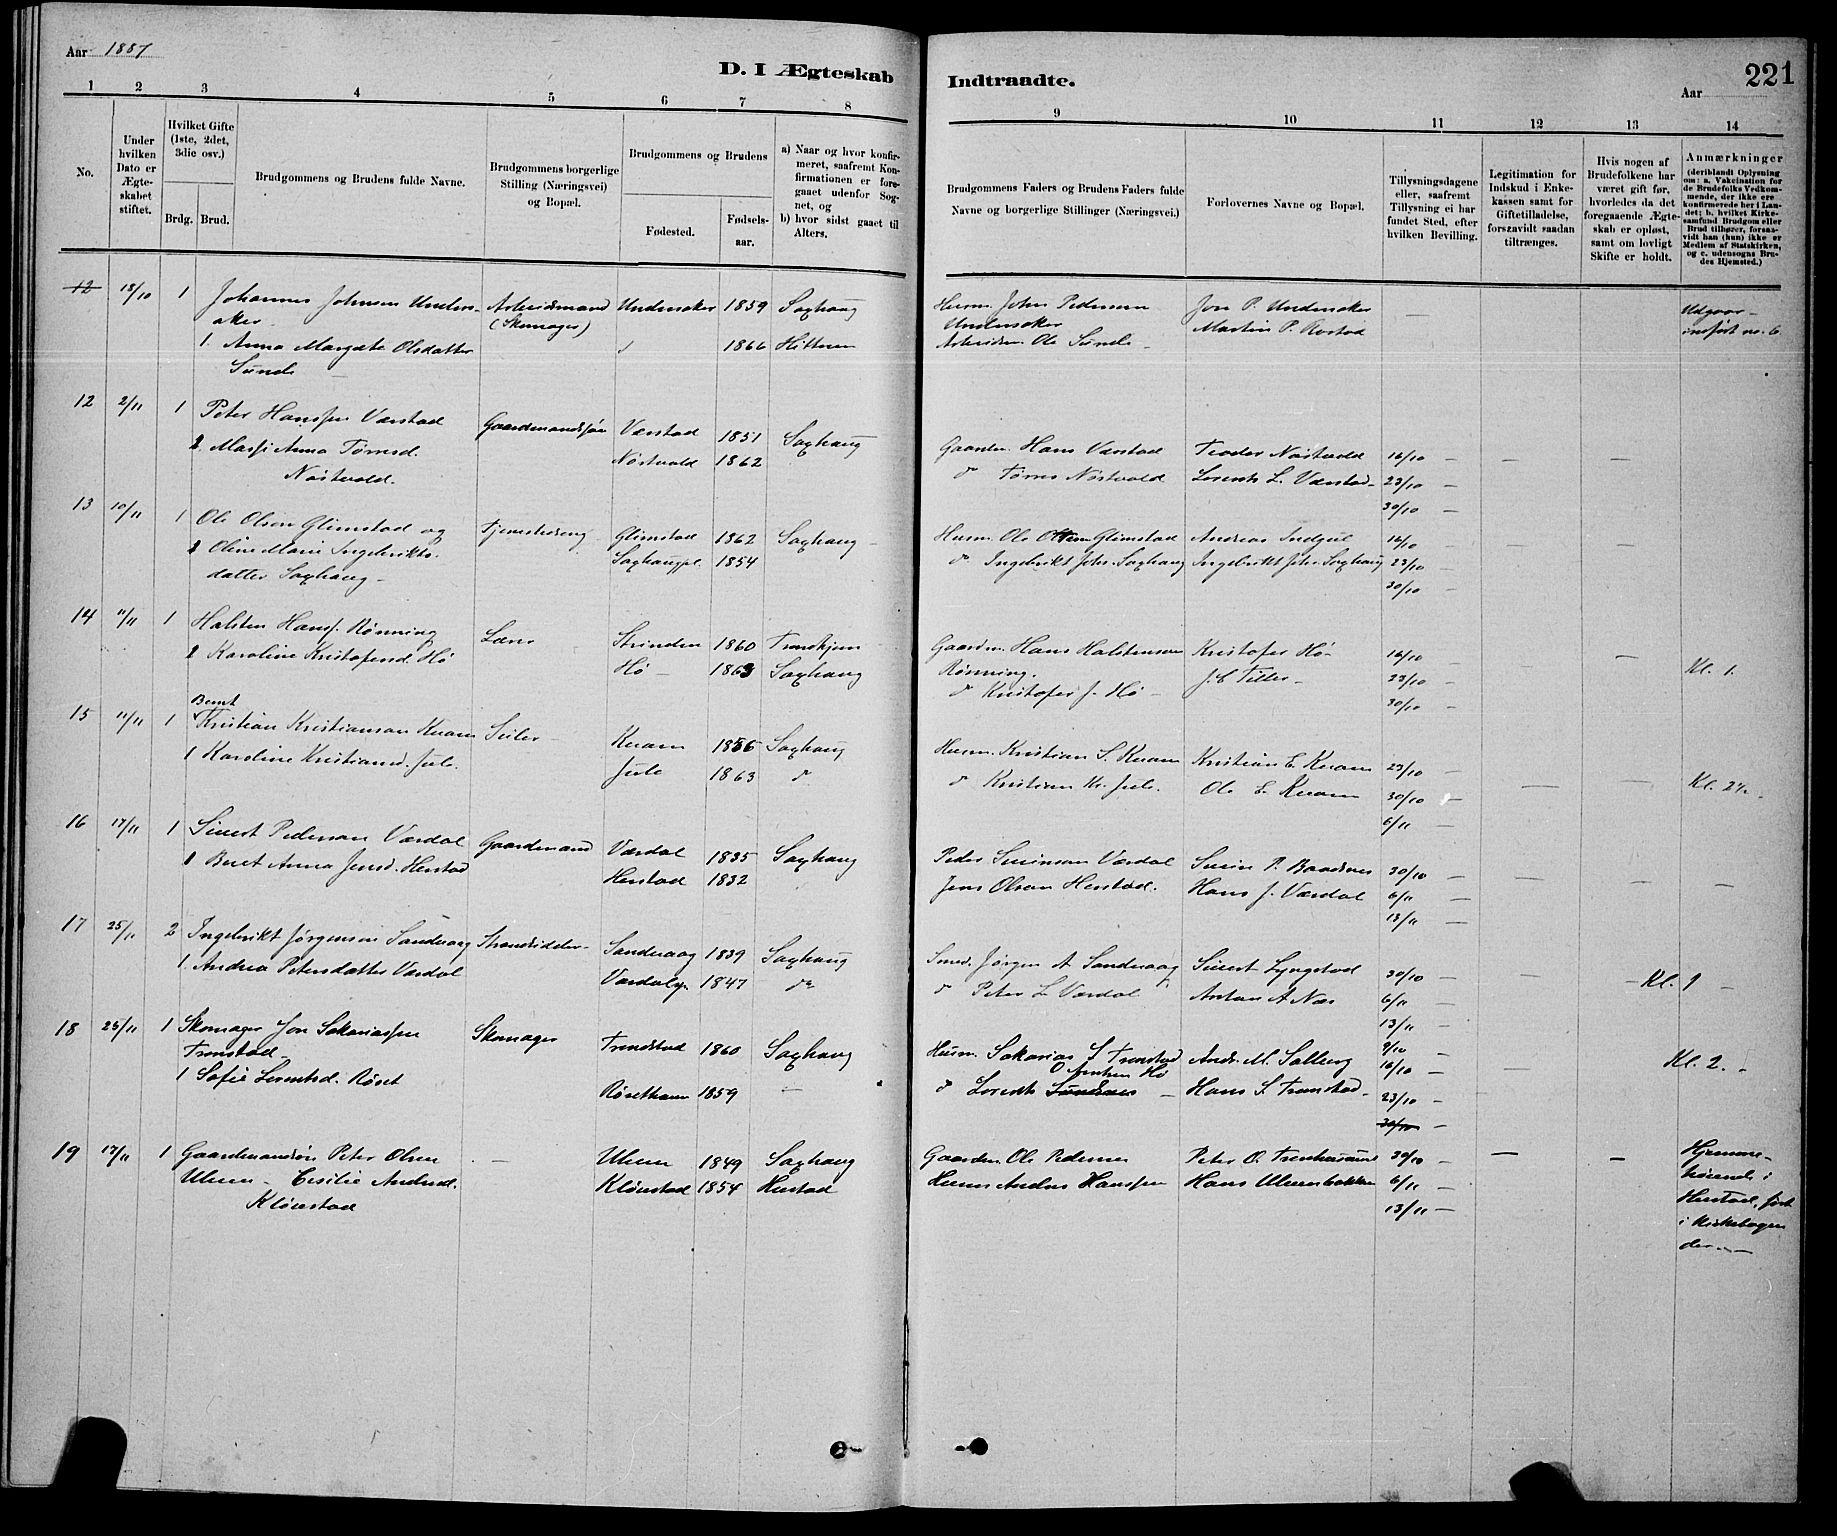 SAT, Ministerialprotokoller, klokkerbøker og fødselsregistre - Nord-Trøndelag, 730/L0301: Klokkerbok nr. 730C04, 1880-1897, s. 221